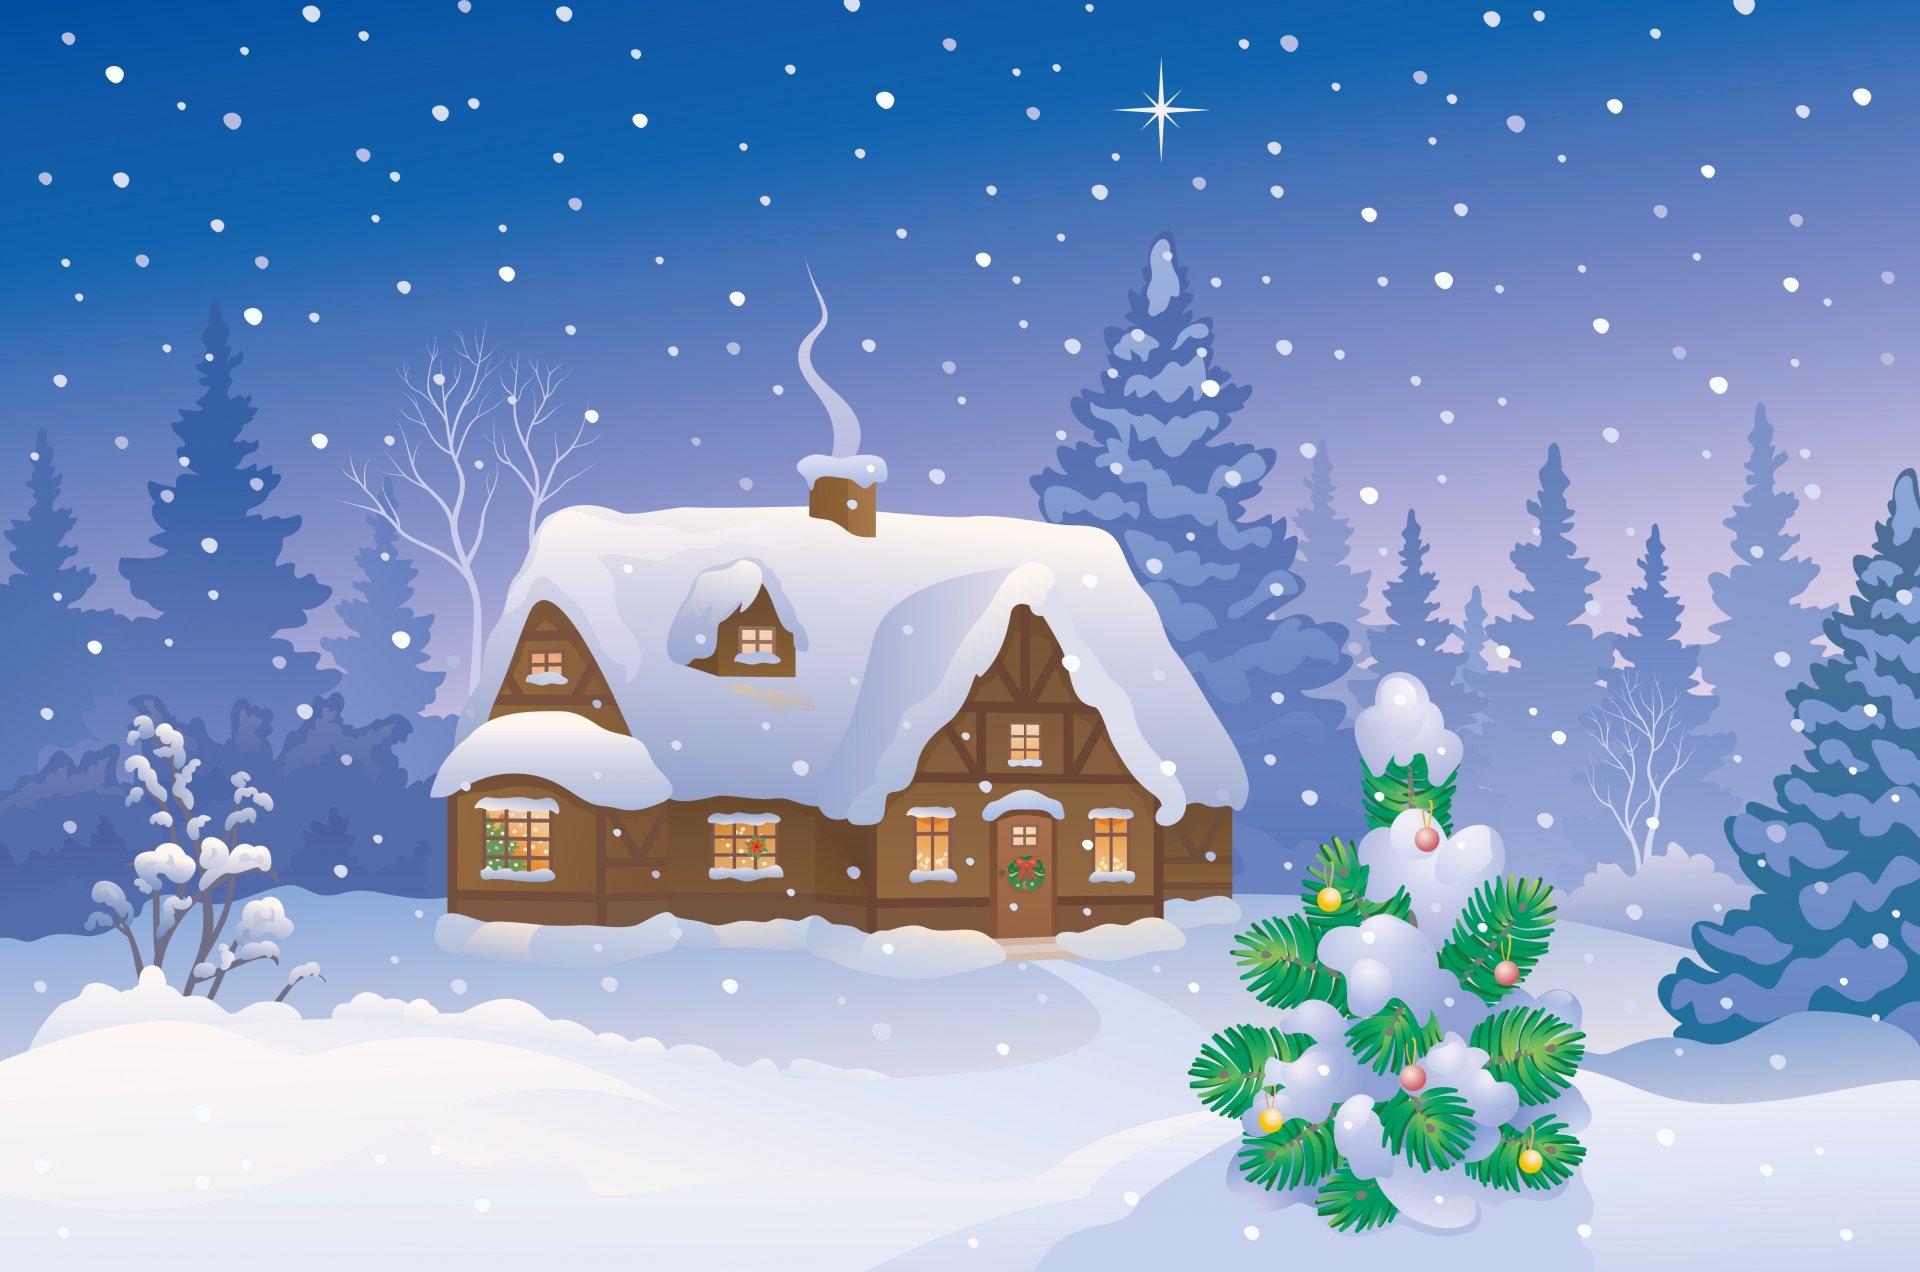 Новогодние картинки с домиками, наступающим новым годом